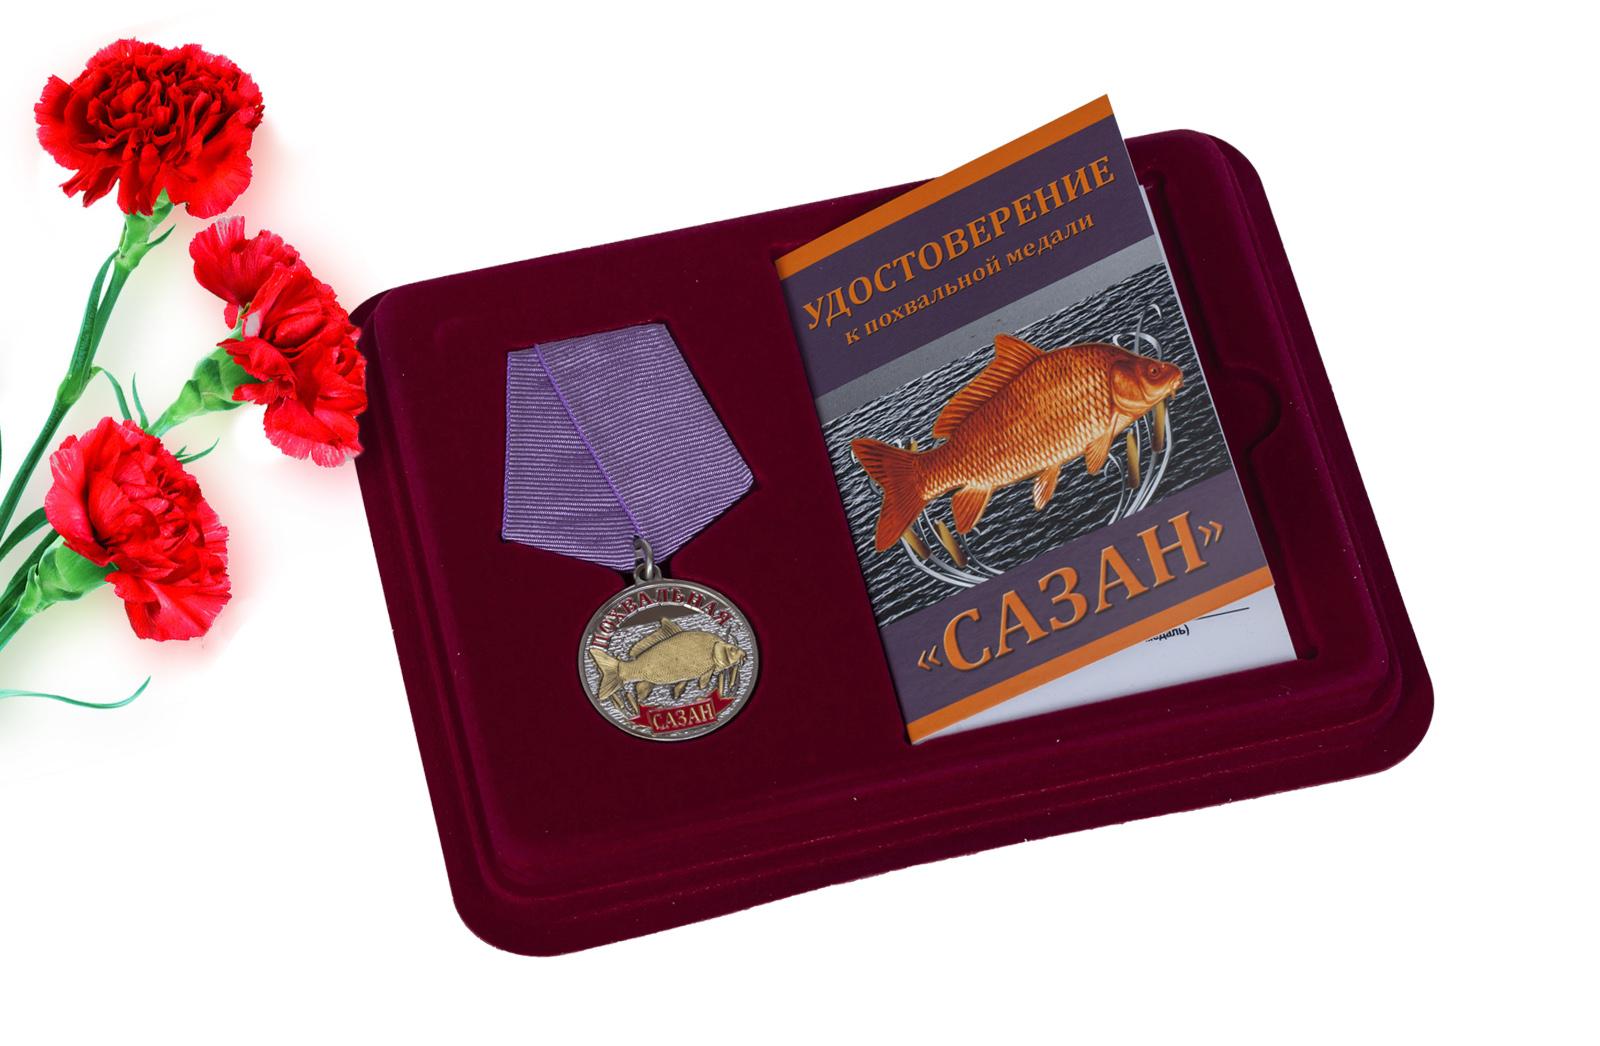 Купить похвальную медаль рыбаку Сазан в подарок мужчине